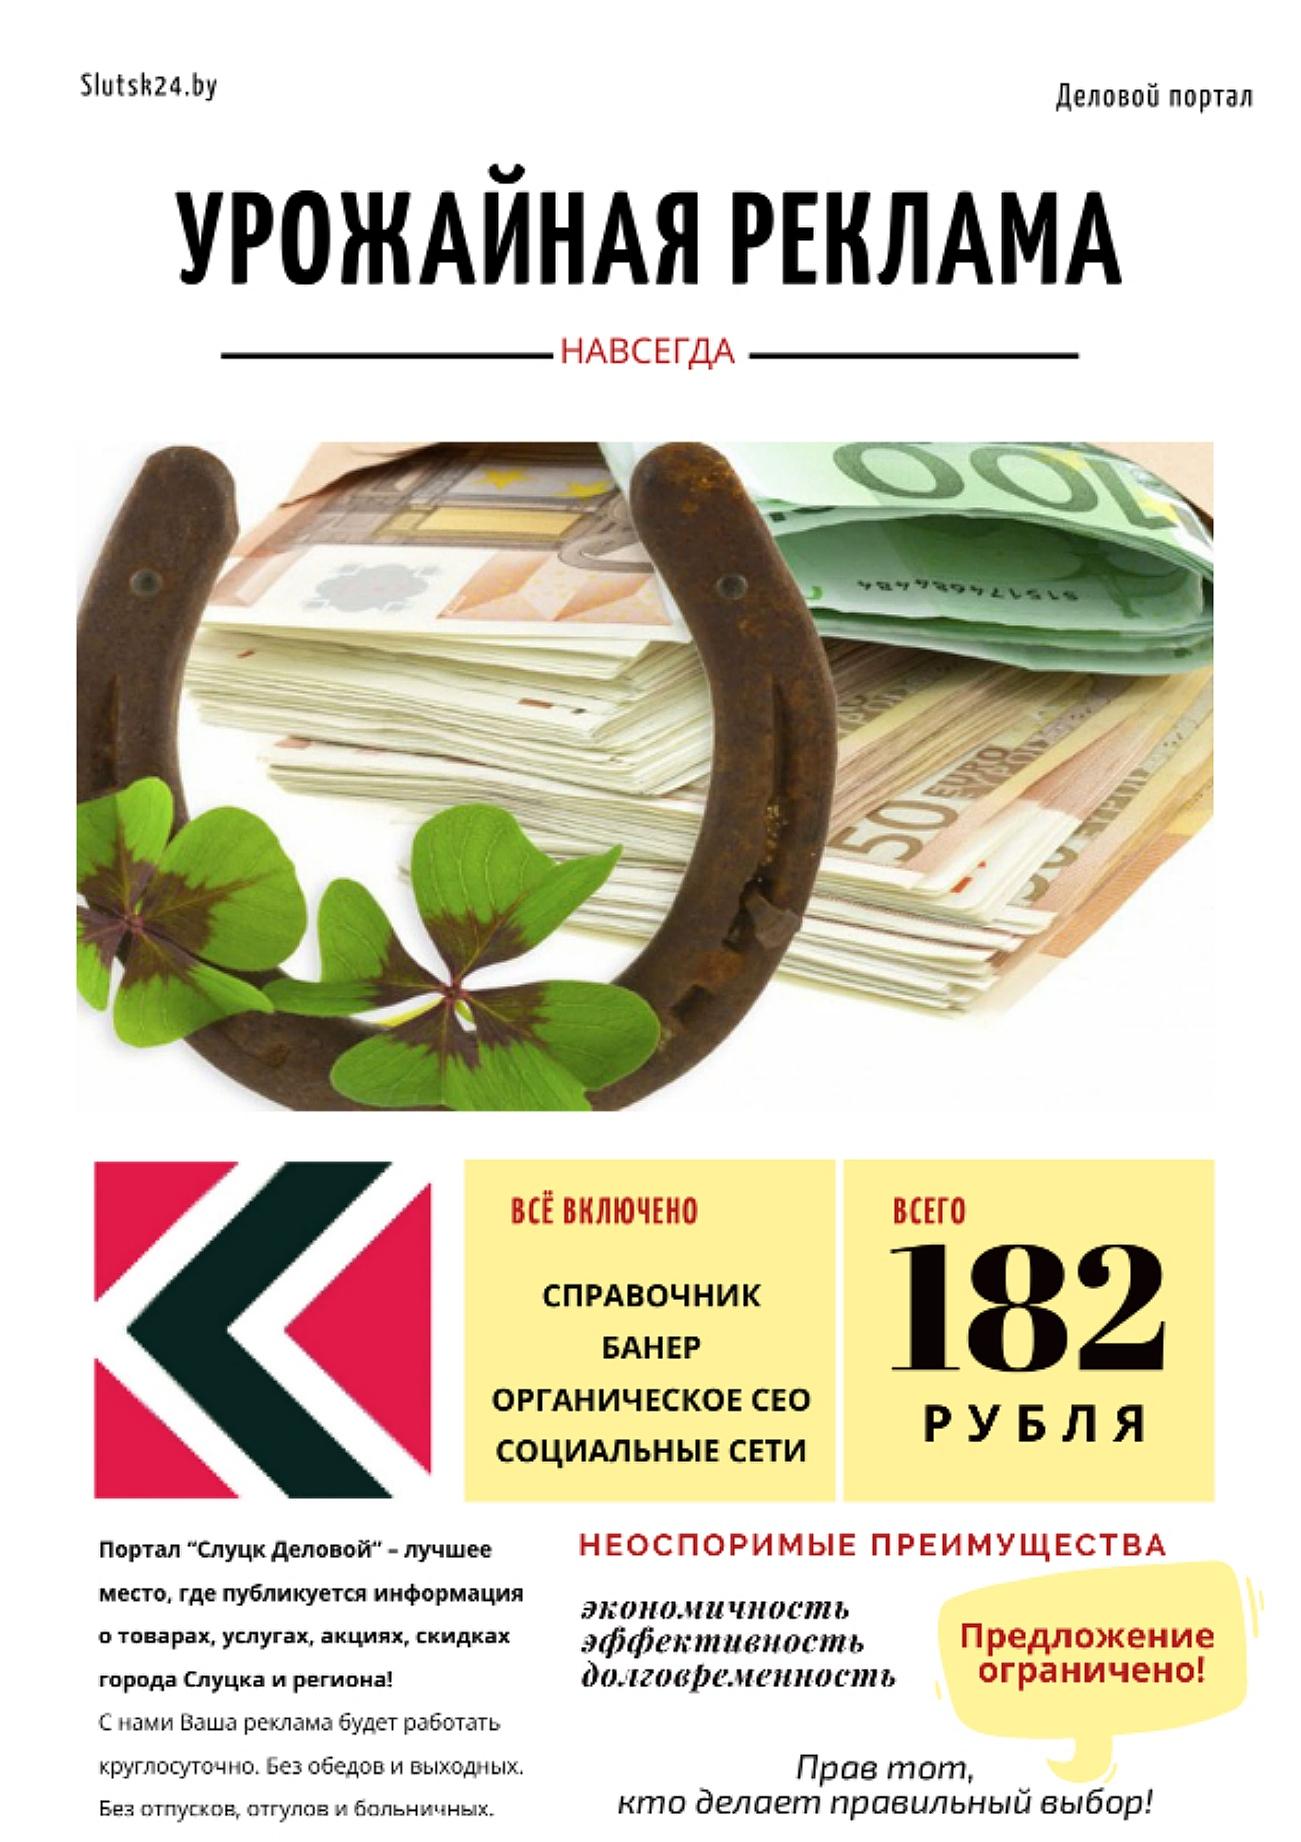 Слуцк Деловой Slutsk24.by